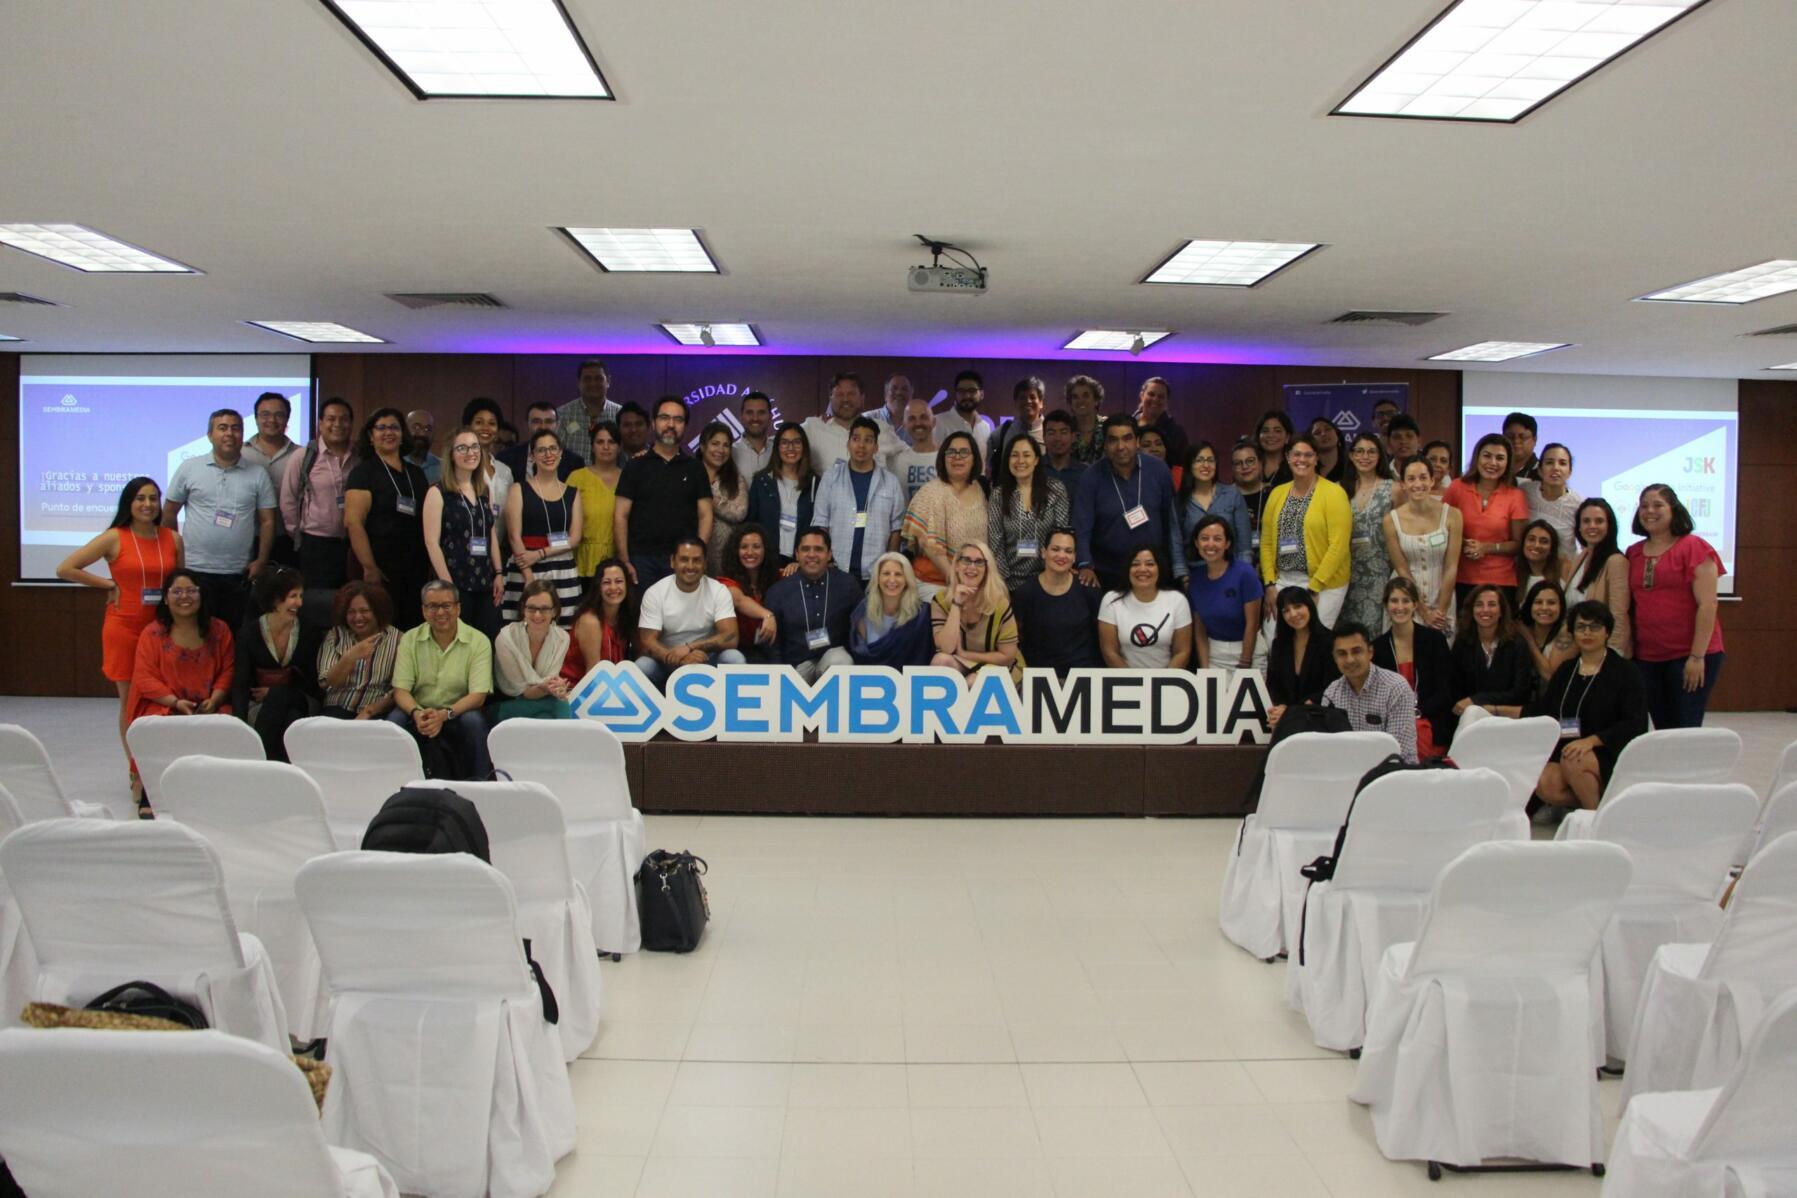 """Participantes en el """"Punto de encuentro"""", evento organizado por Sembramedia (Foto cortesía de Sembramedia)"""